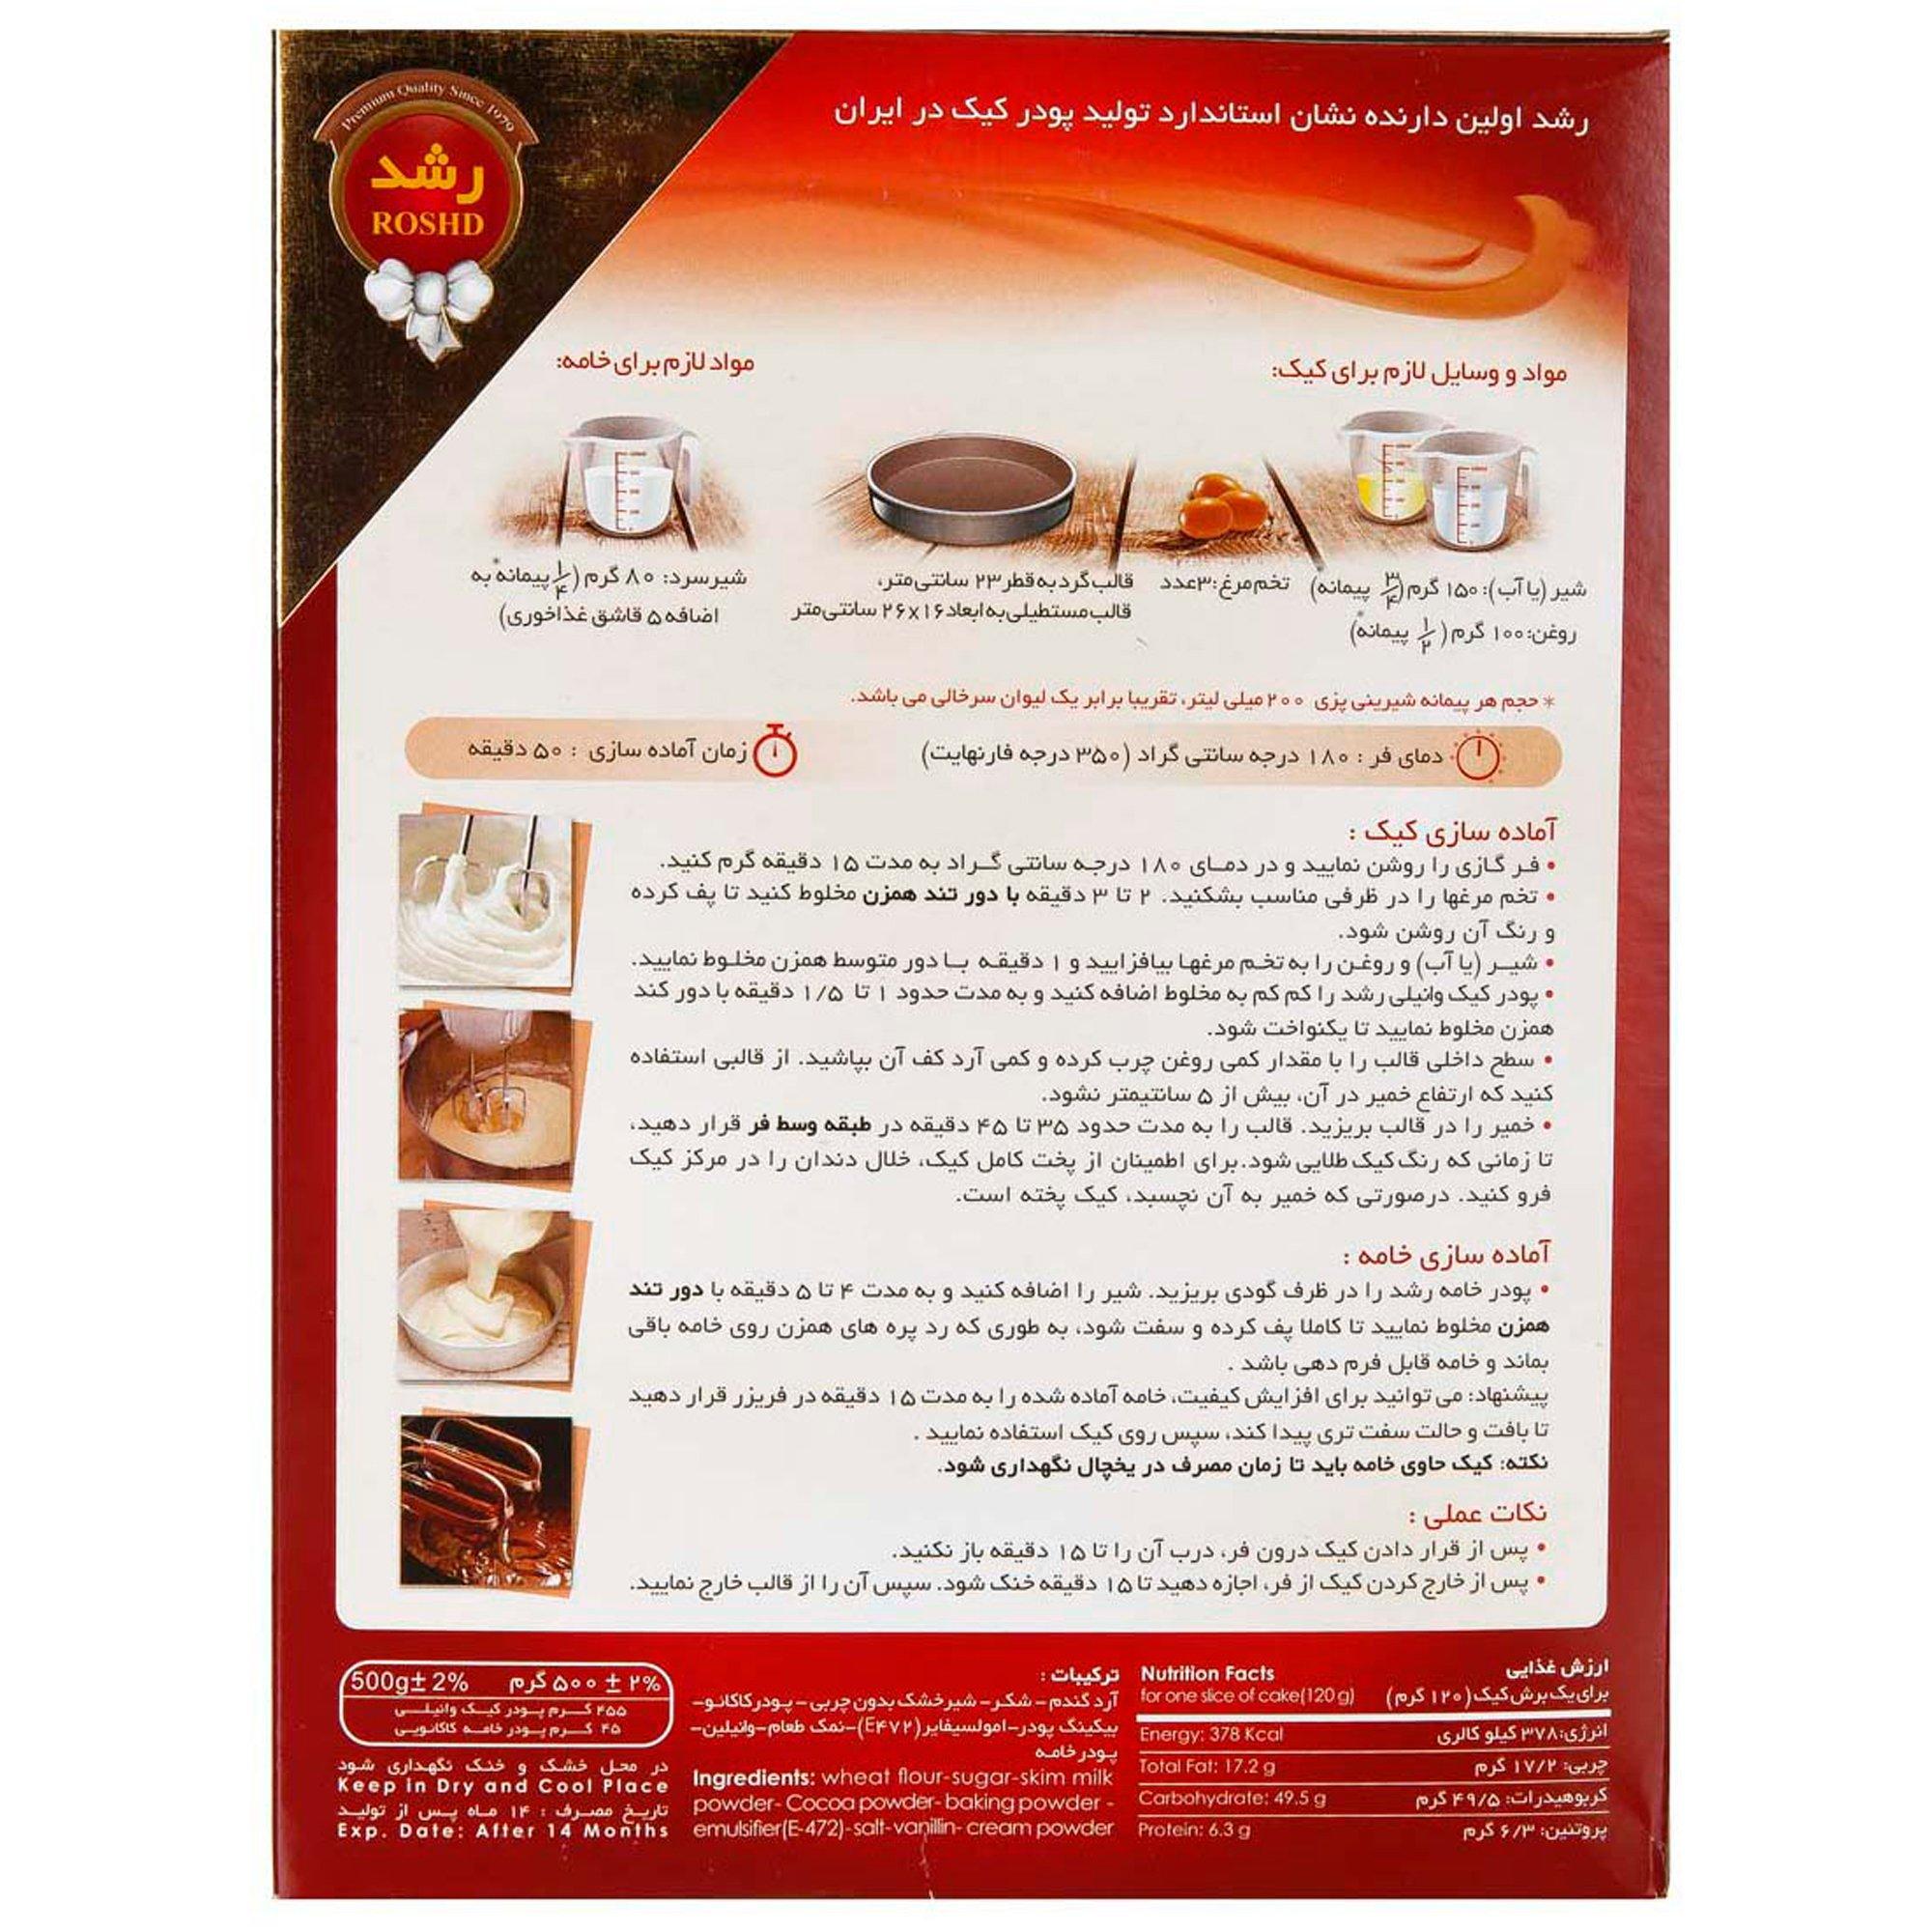 پودر کیک وانیلی و خامه شکلاتی رشد ۵۰۰ گرمی